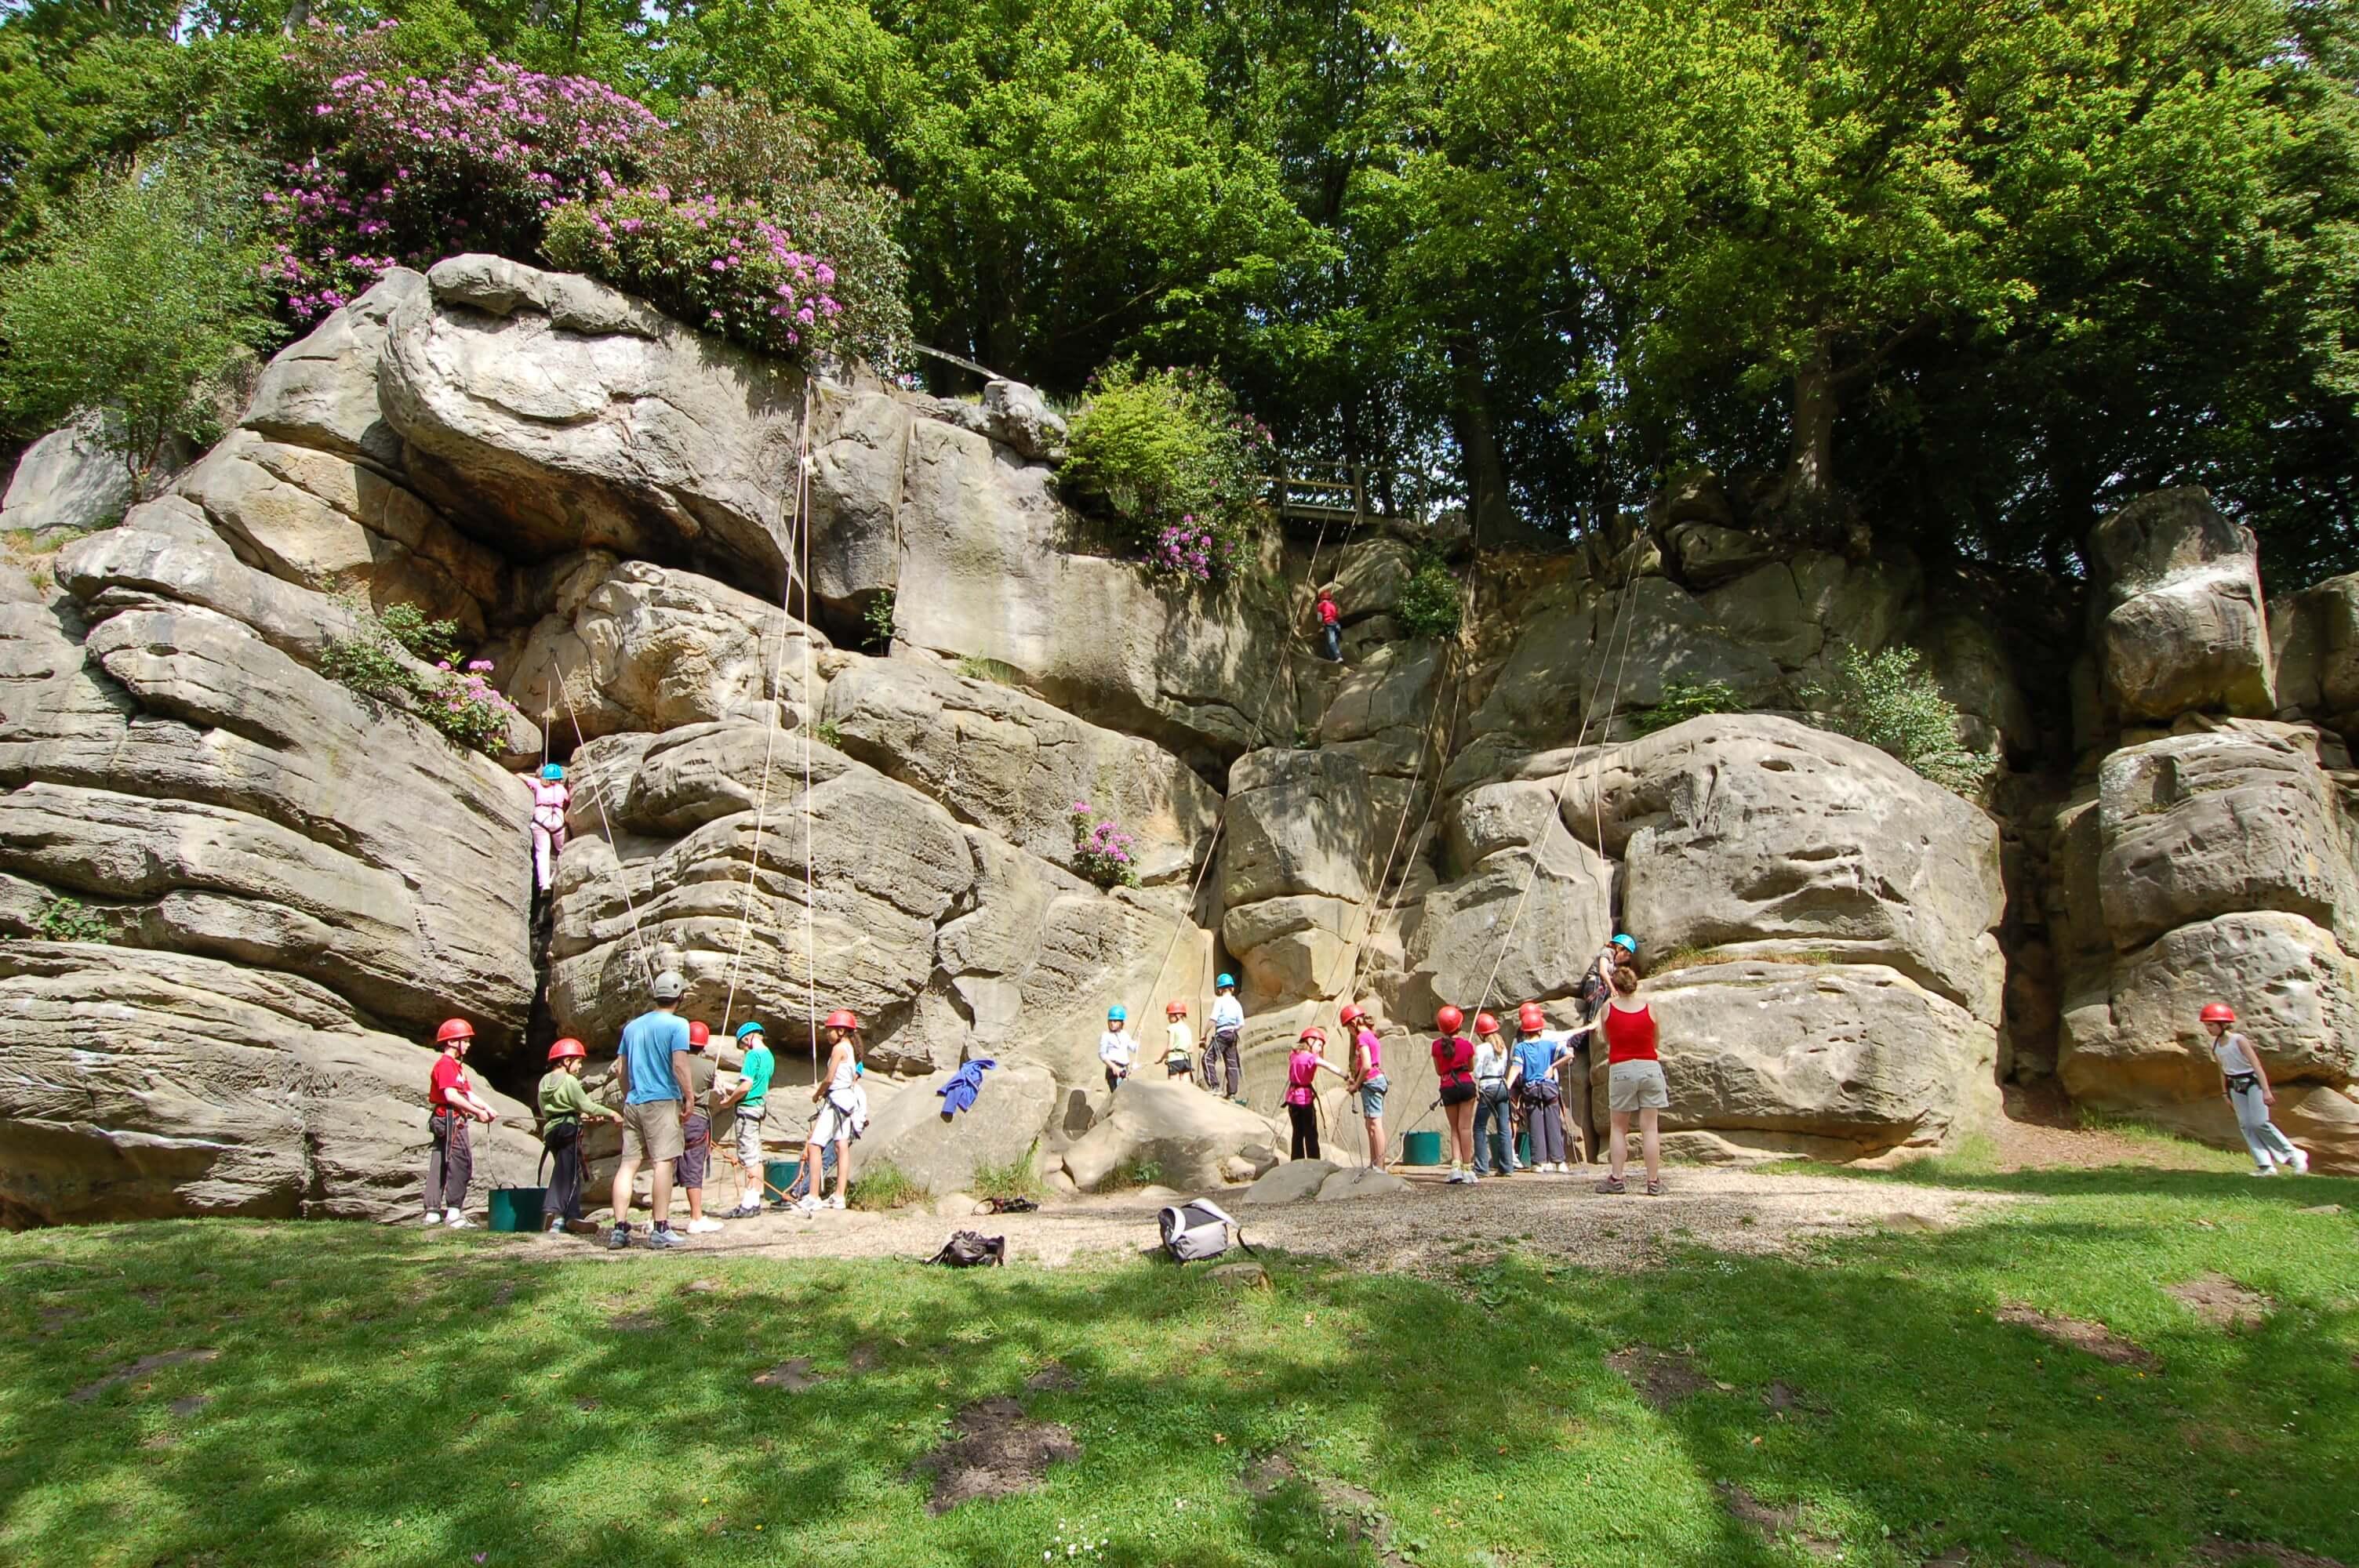 Harrisons Rocks